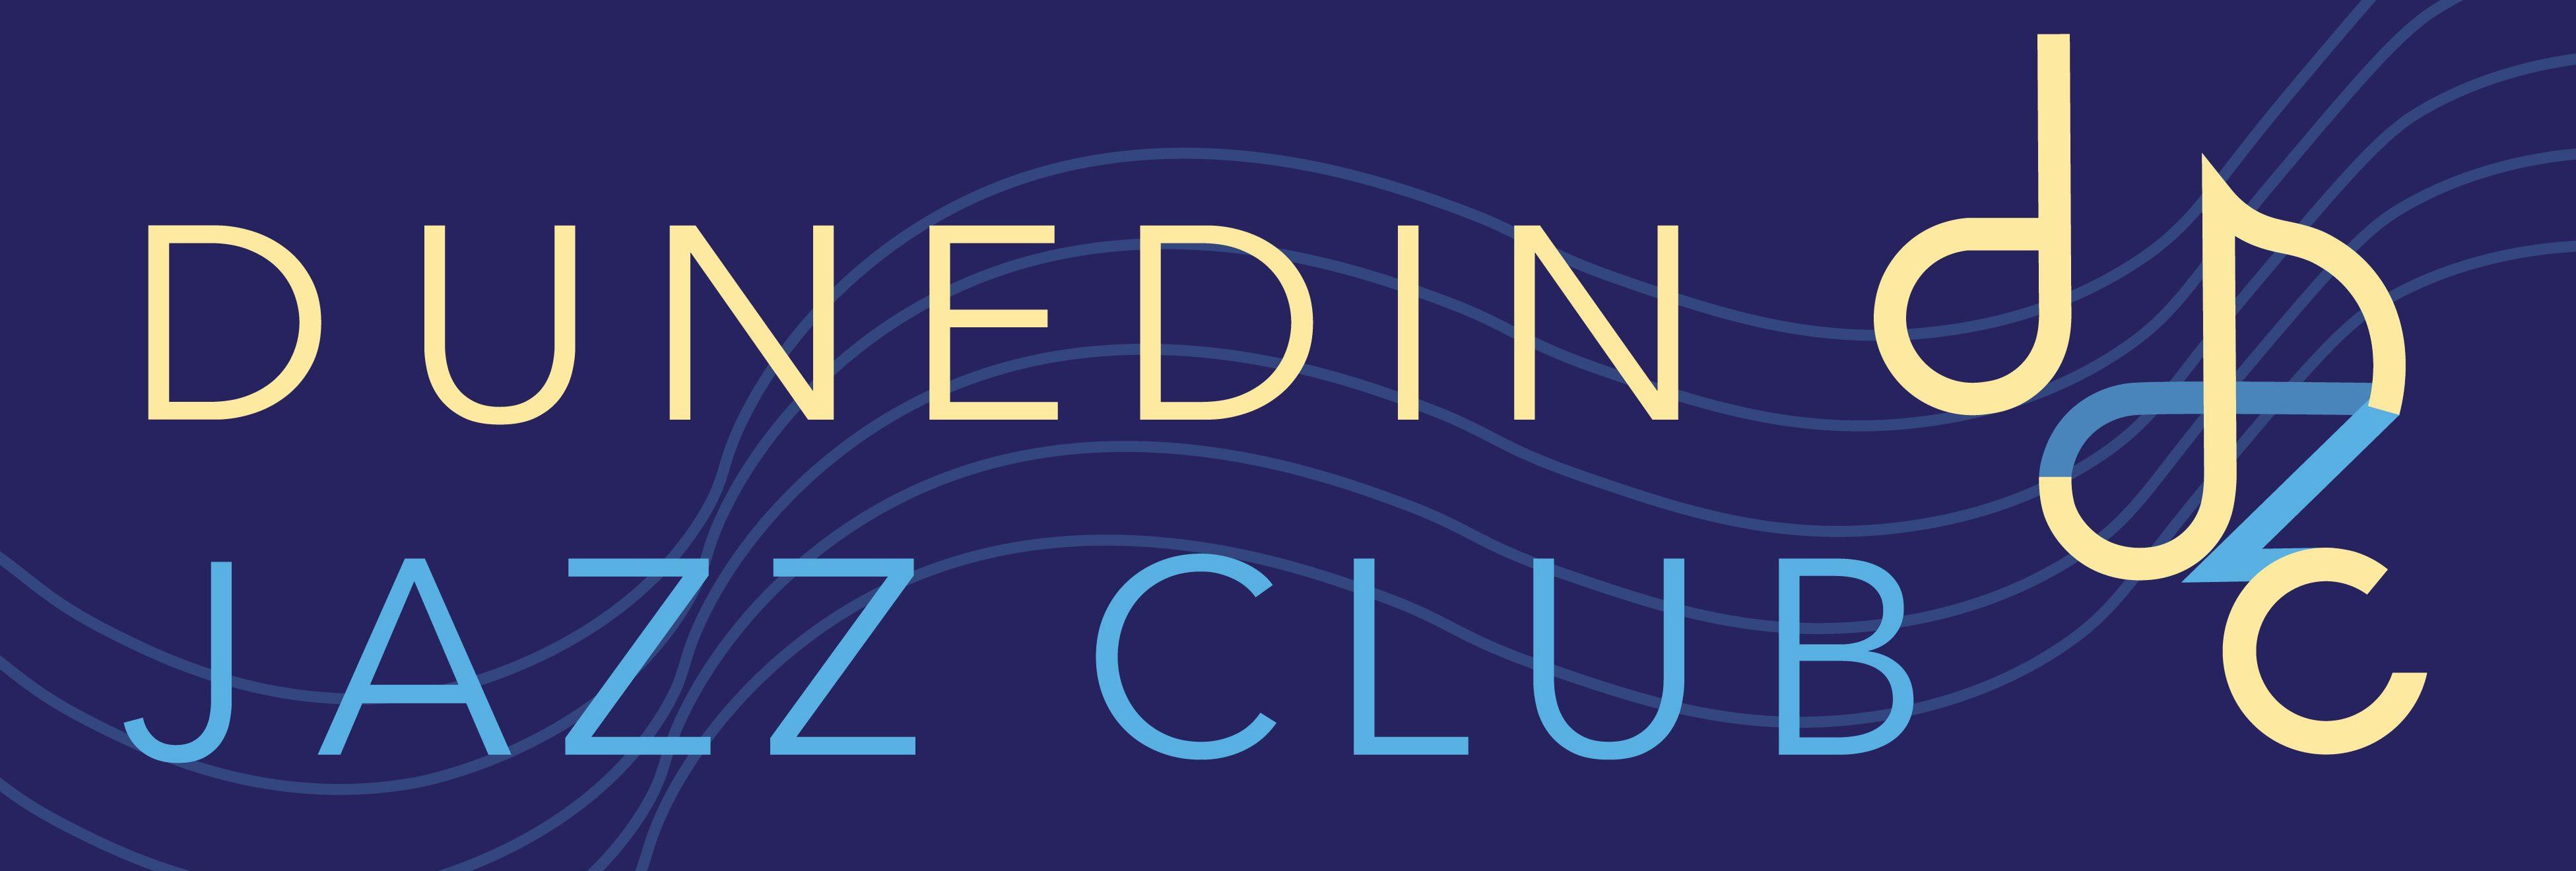 Dunedin Jazz Club